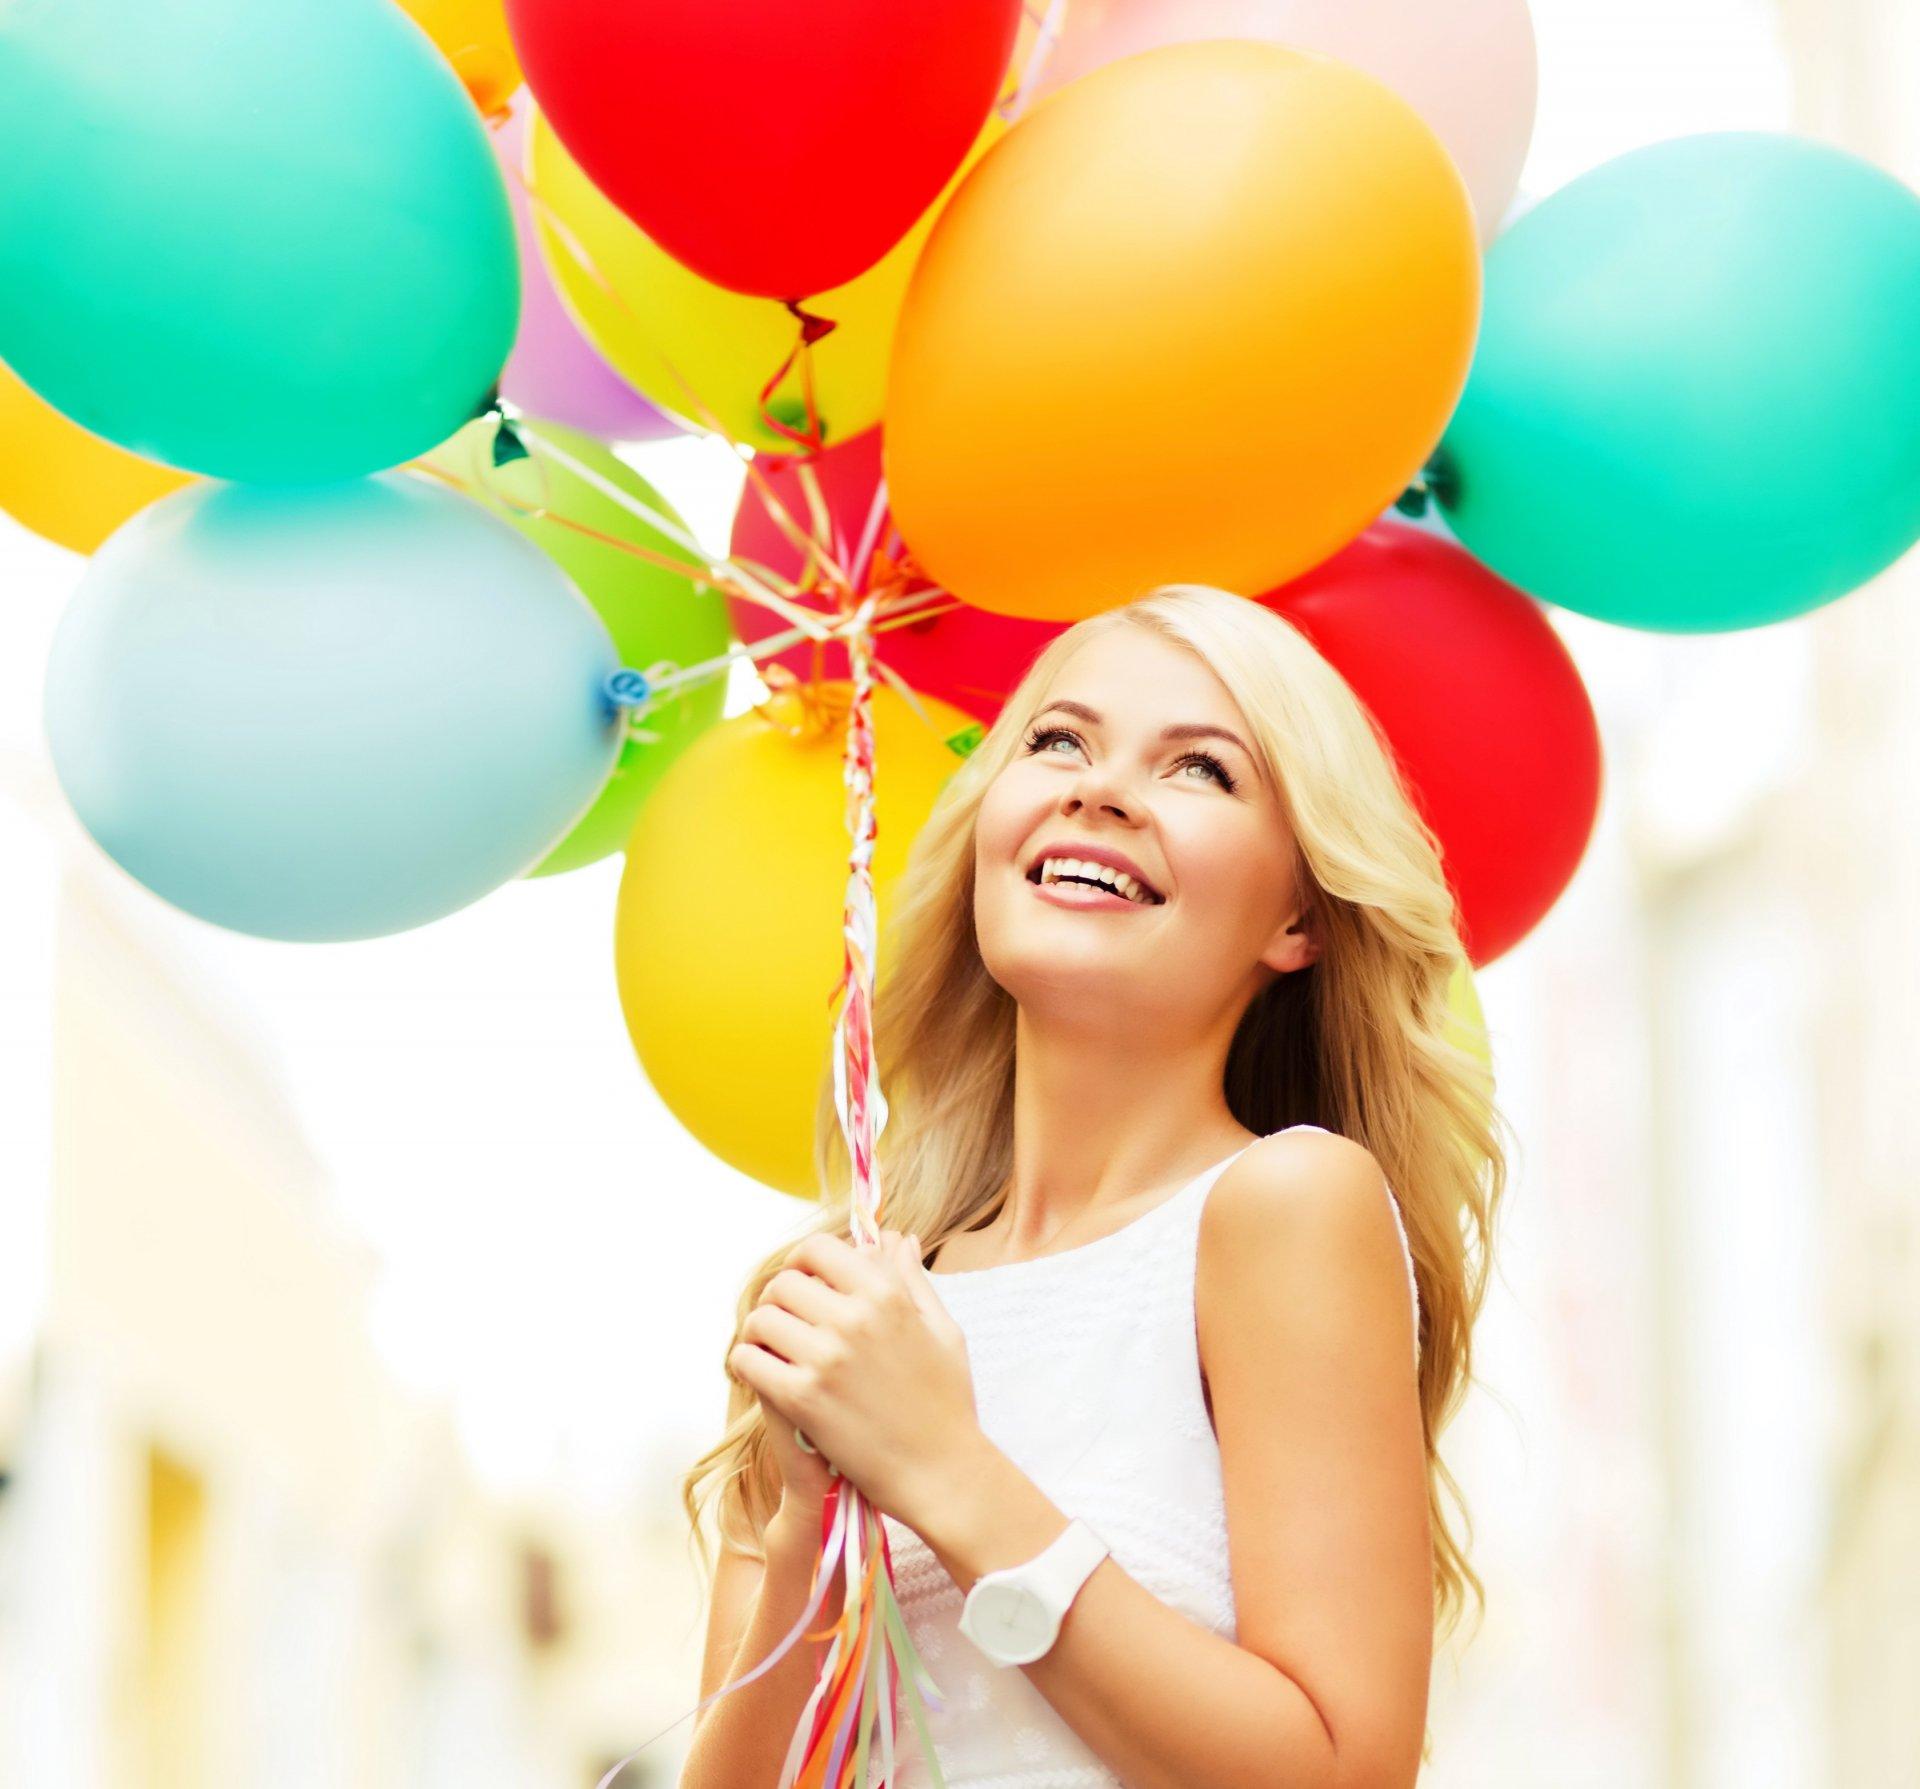 Новые идеи для фотосессии и подарка -игры на День Рождения 55